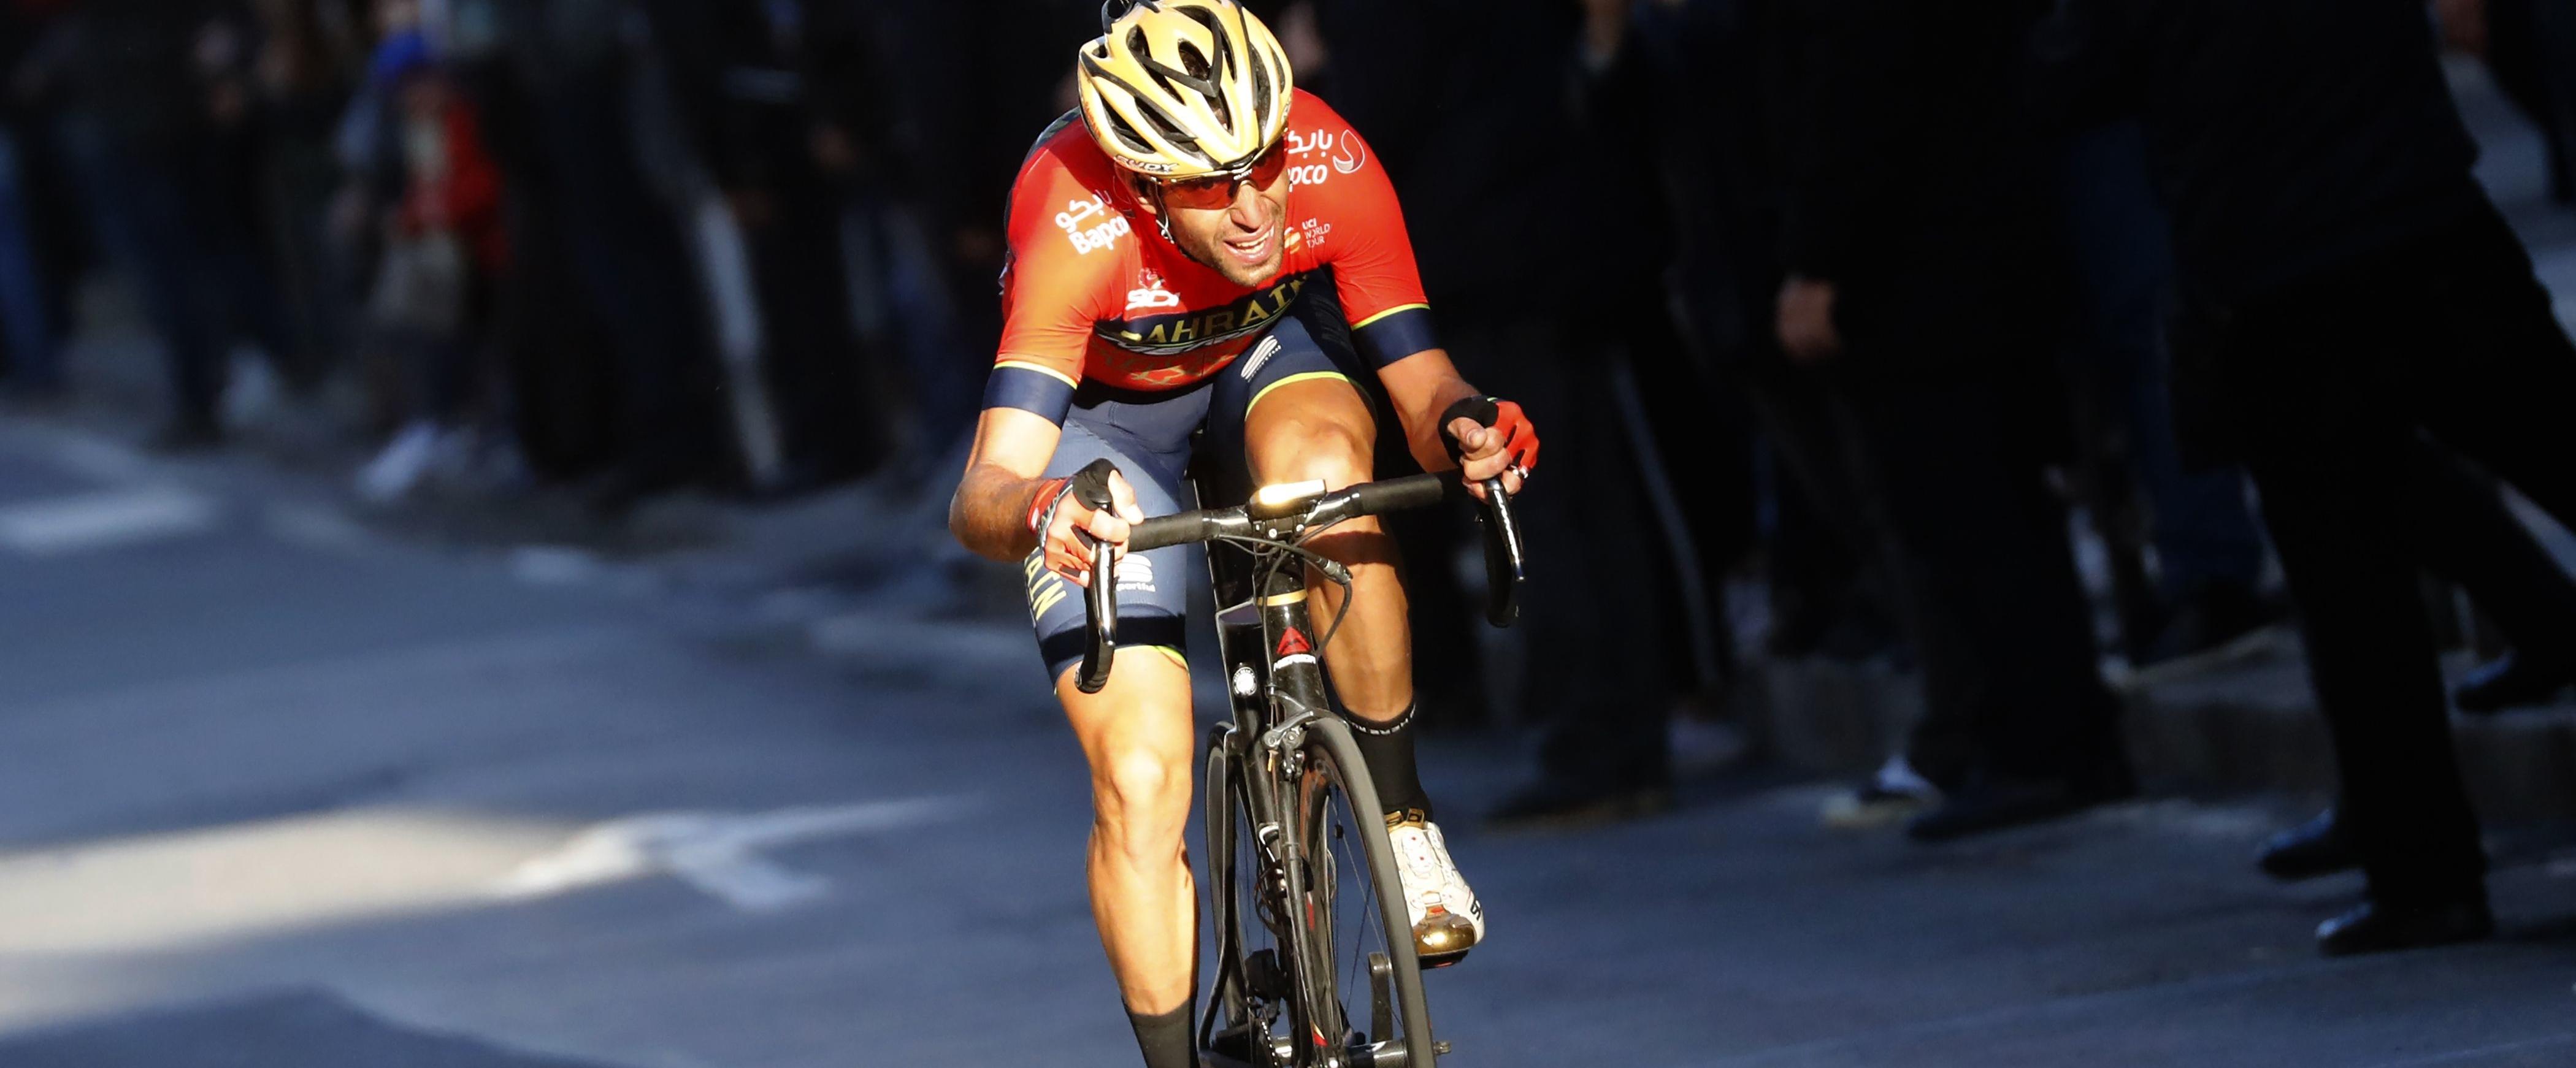 Tour de France 2019, tappa 12: la prima di Nibali?